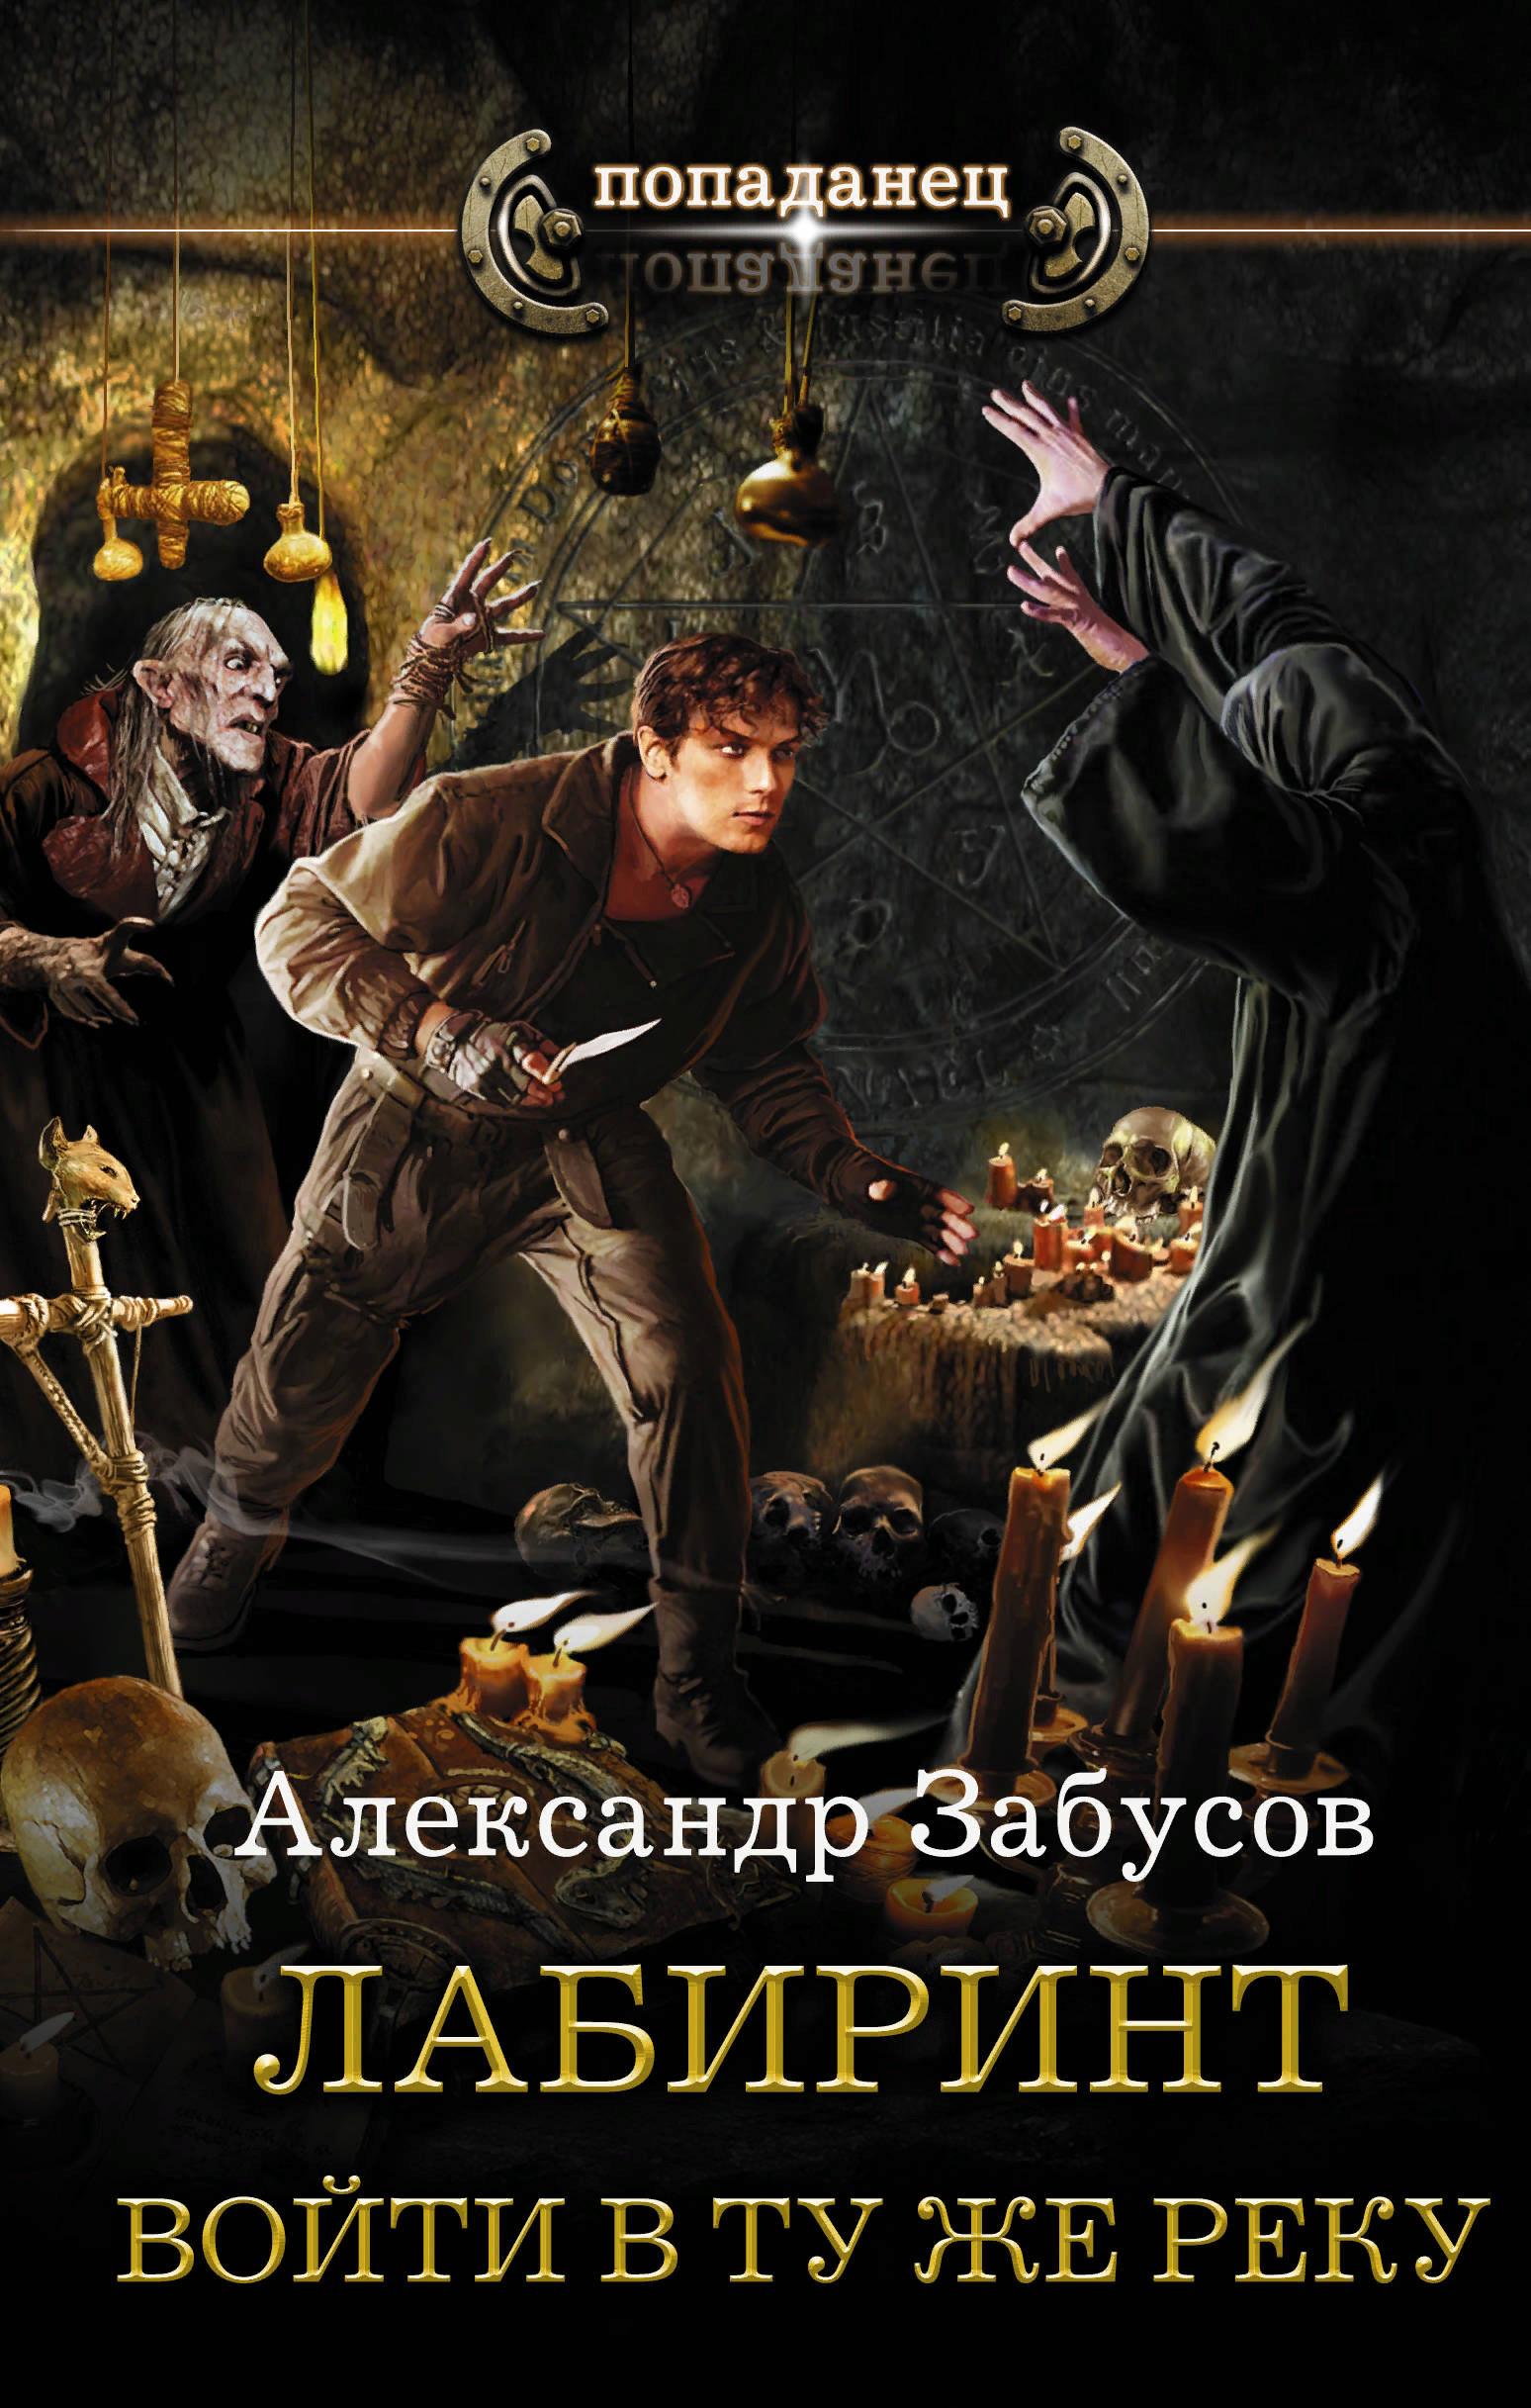 Александр Забусов «Лабиринт. Войти в ту же реку»